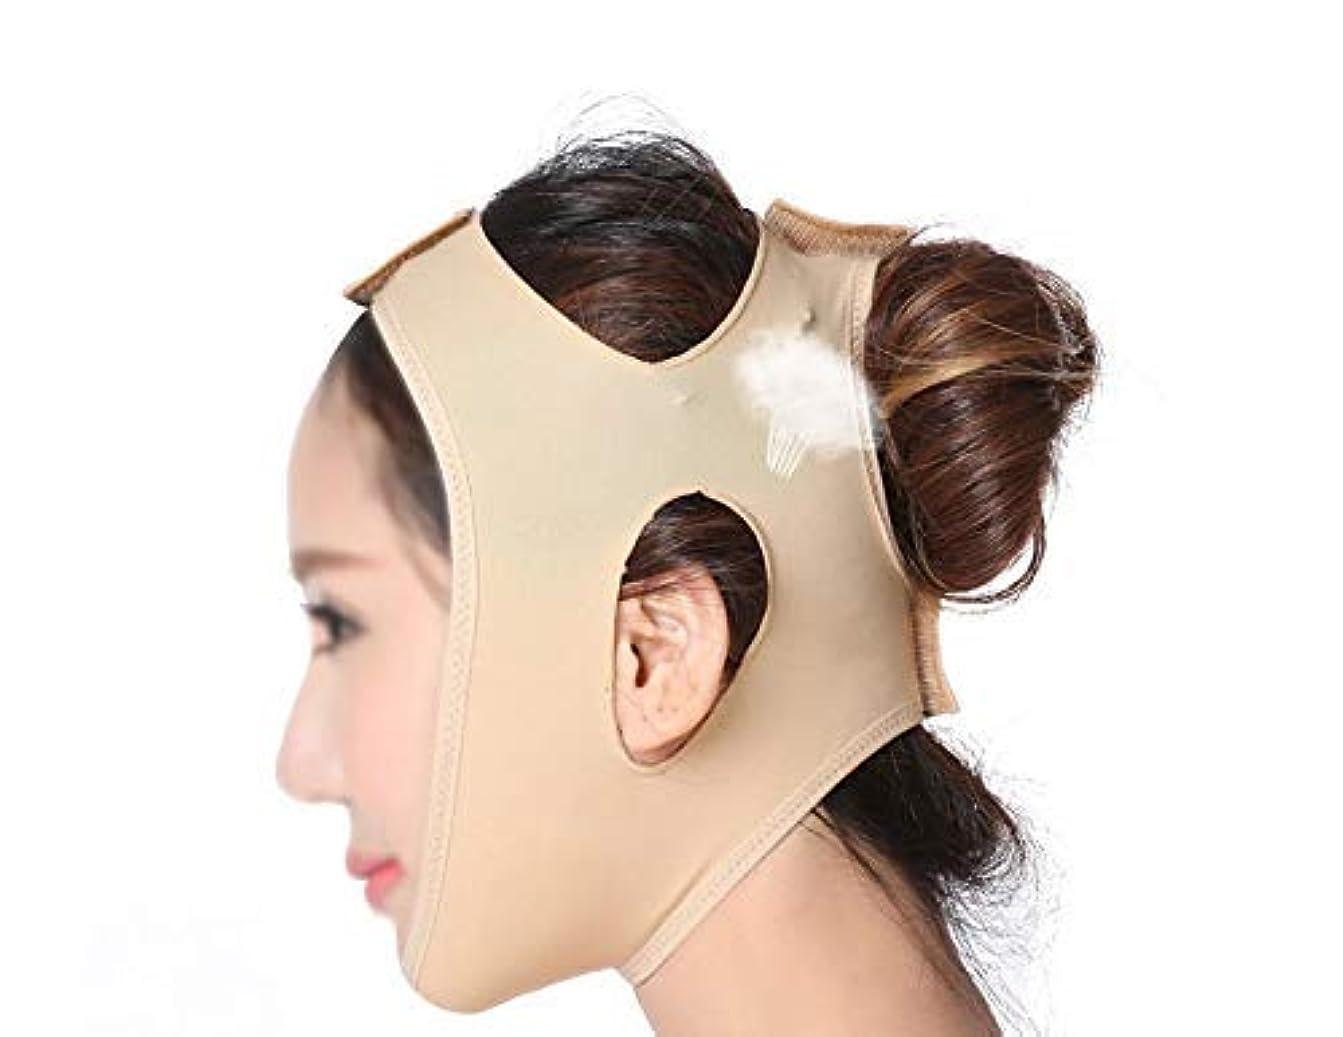 仮装炭素多様性引き締めフェイスマスク、フェイシャルマスク睡眠薄型フェイス包帯薄型フェイスマスクフェイスリフティングフェイスメロンフェイスVフェイスリフティング引き締めダブルチン美容ツール(サイズ:XL)